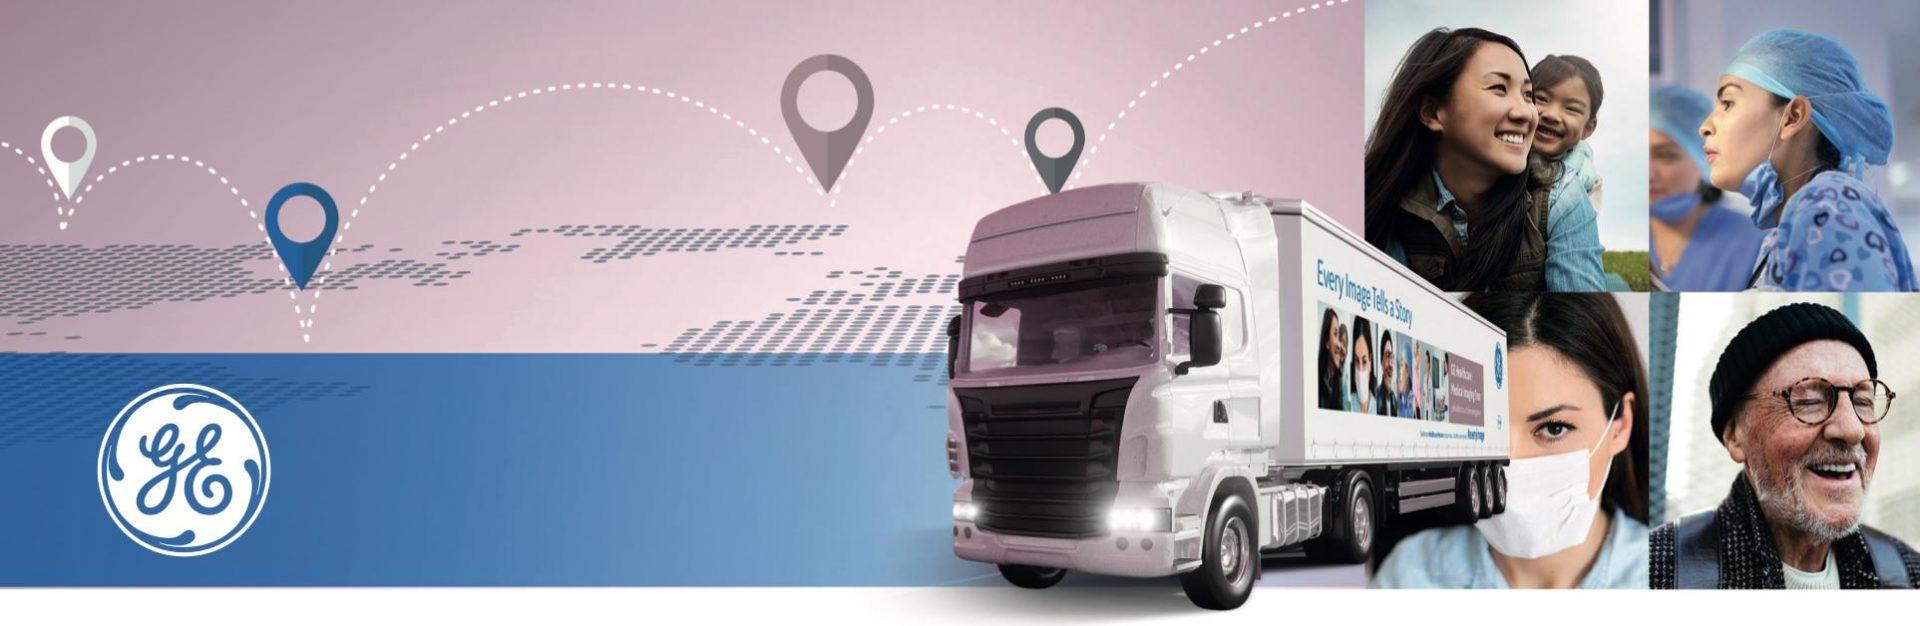 GE Healthcare Truck